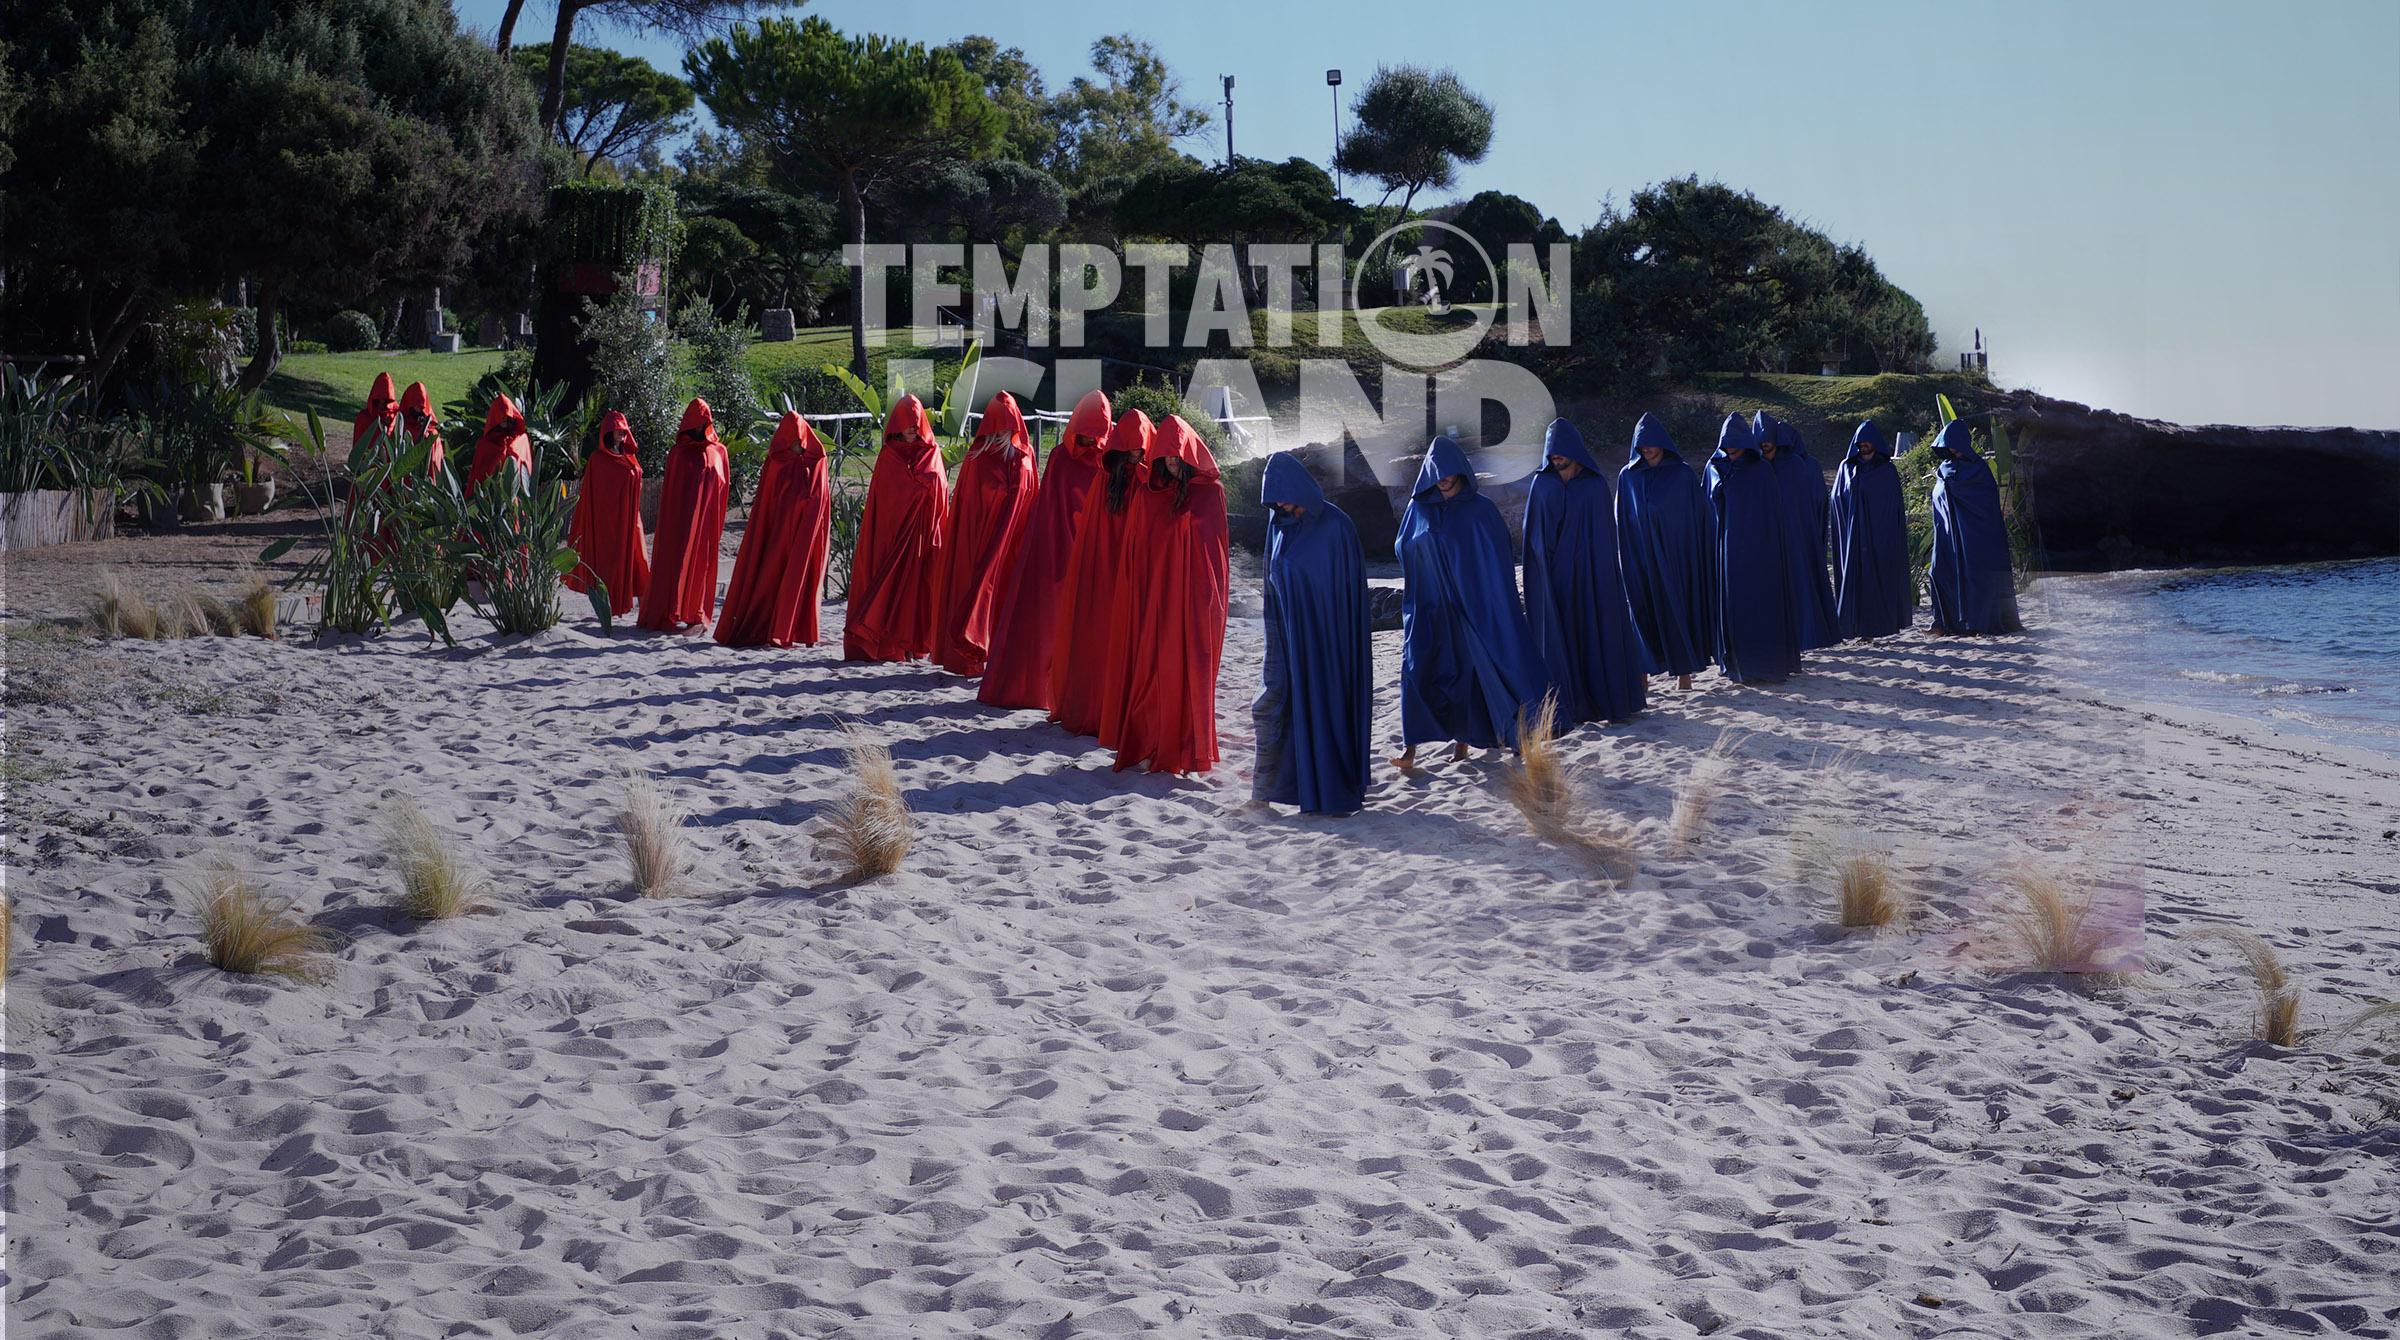 temptatinisland-scappucciamneto-news